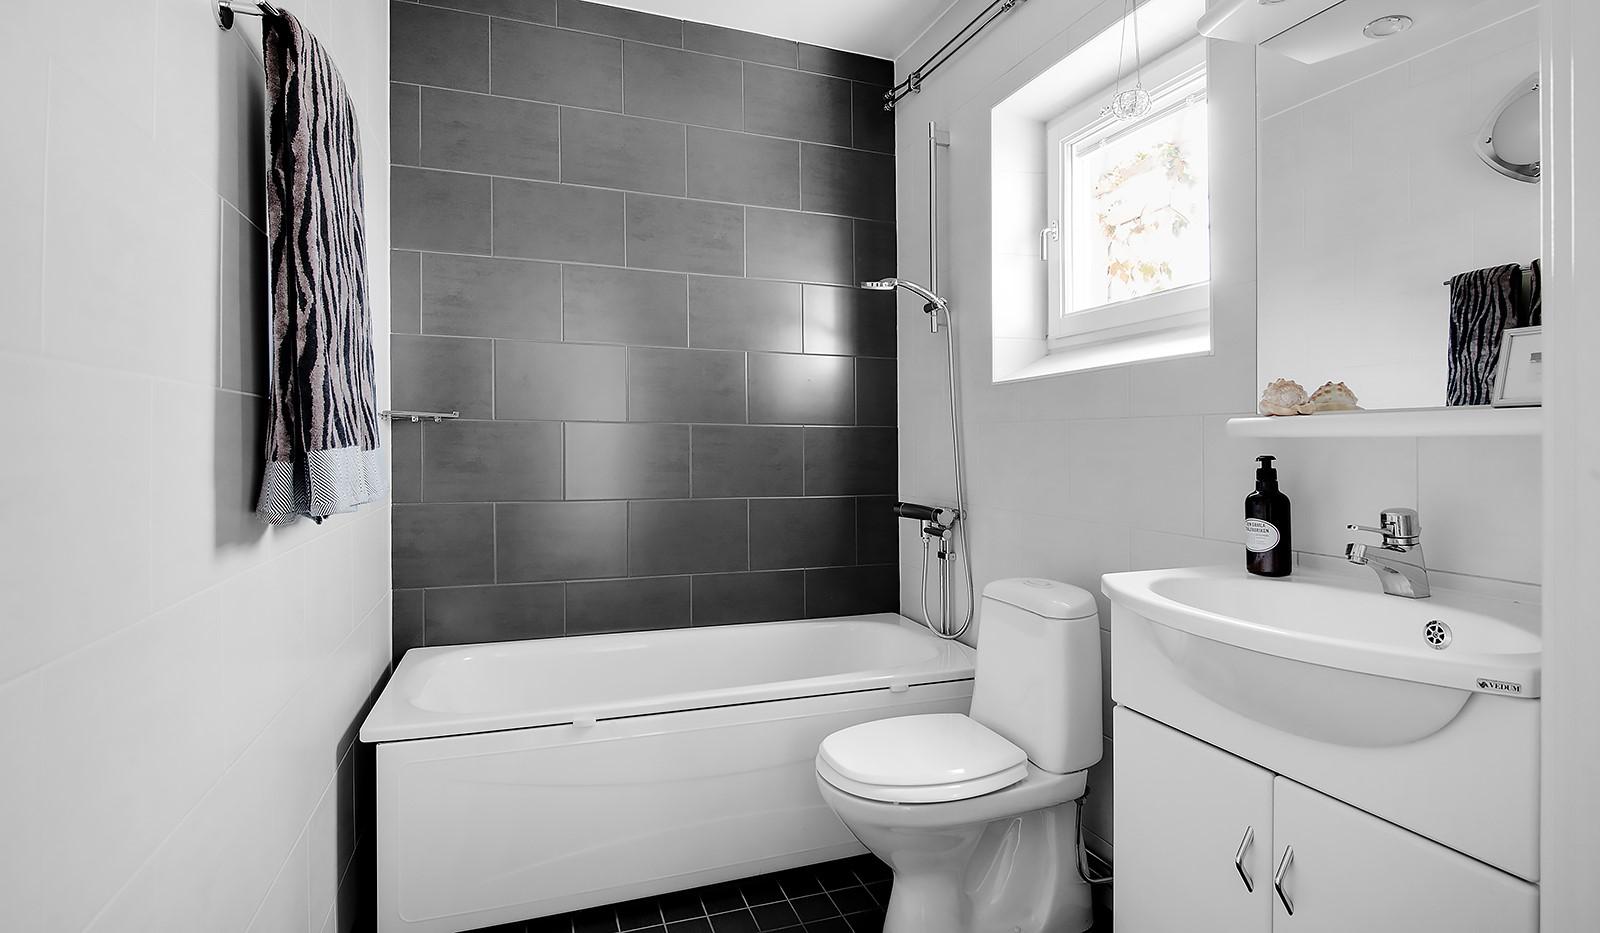 Åsögatan 102, 6 tr - Nytt badrum från 2015